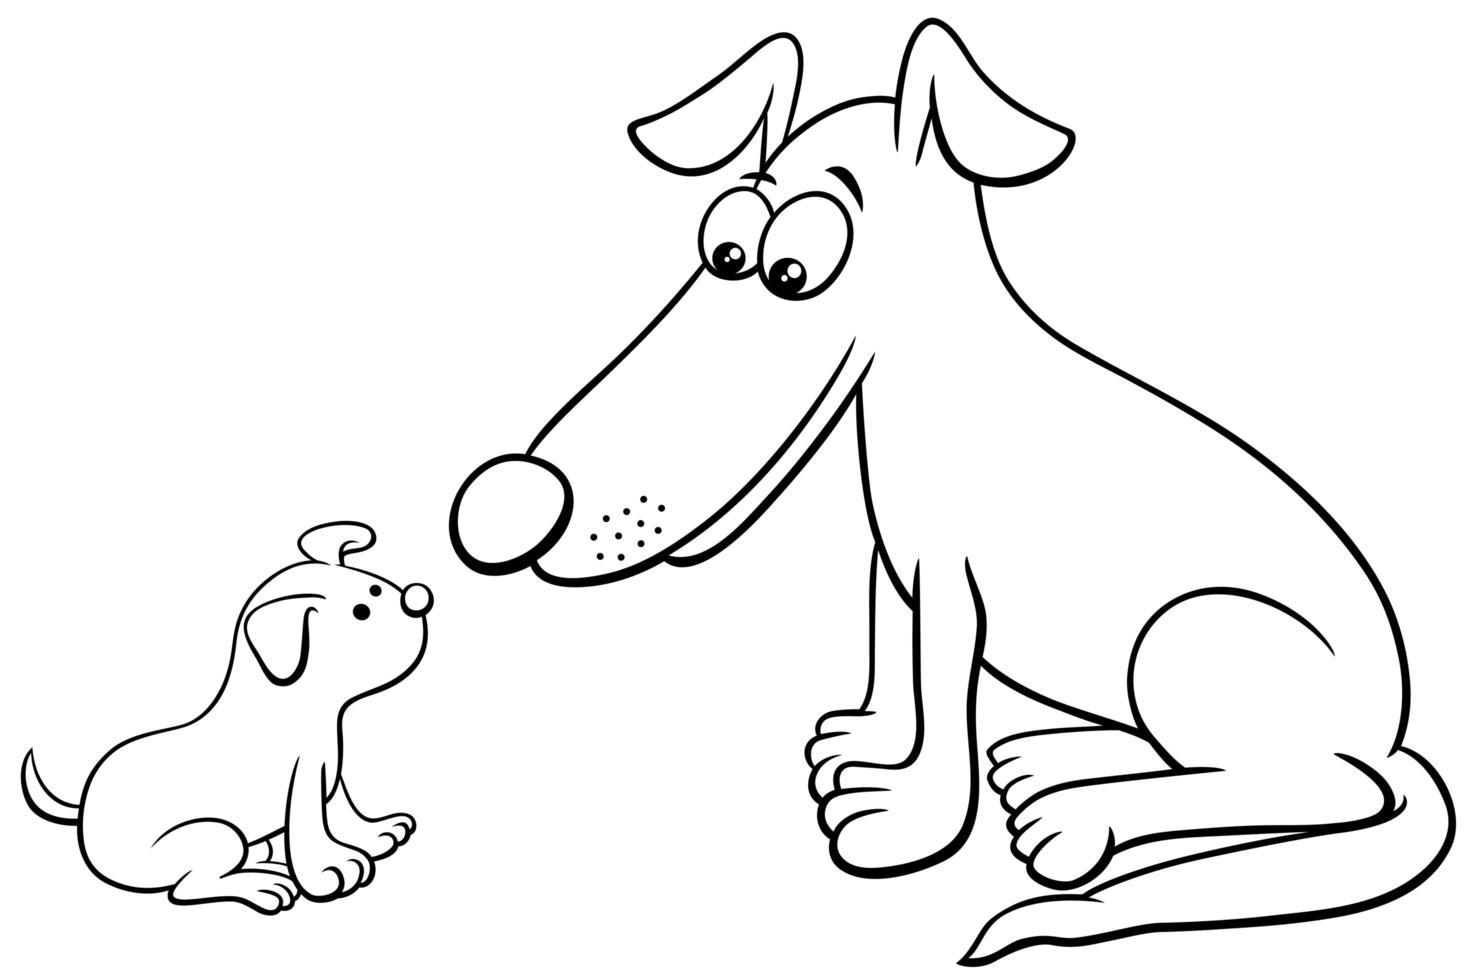 Page de livre de coloriage de personnages animaux chiot et chien vecteur